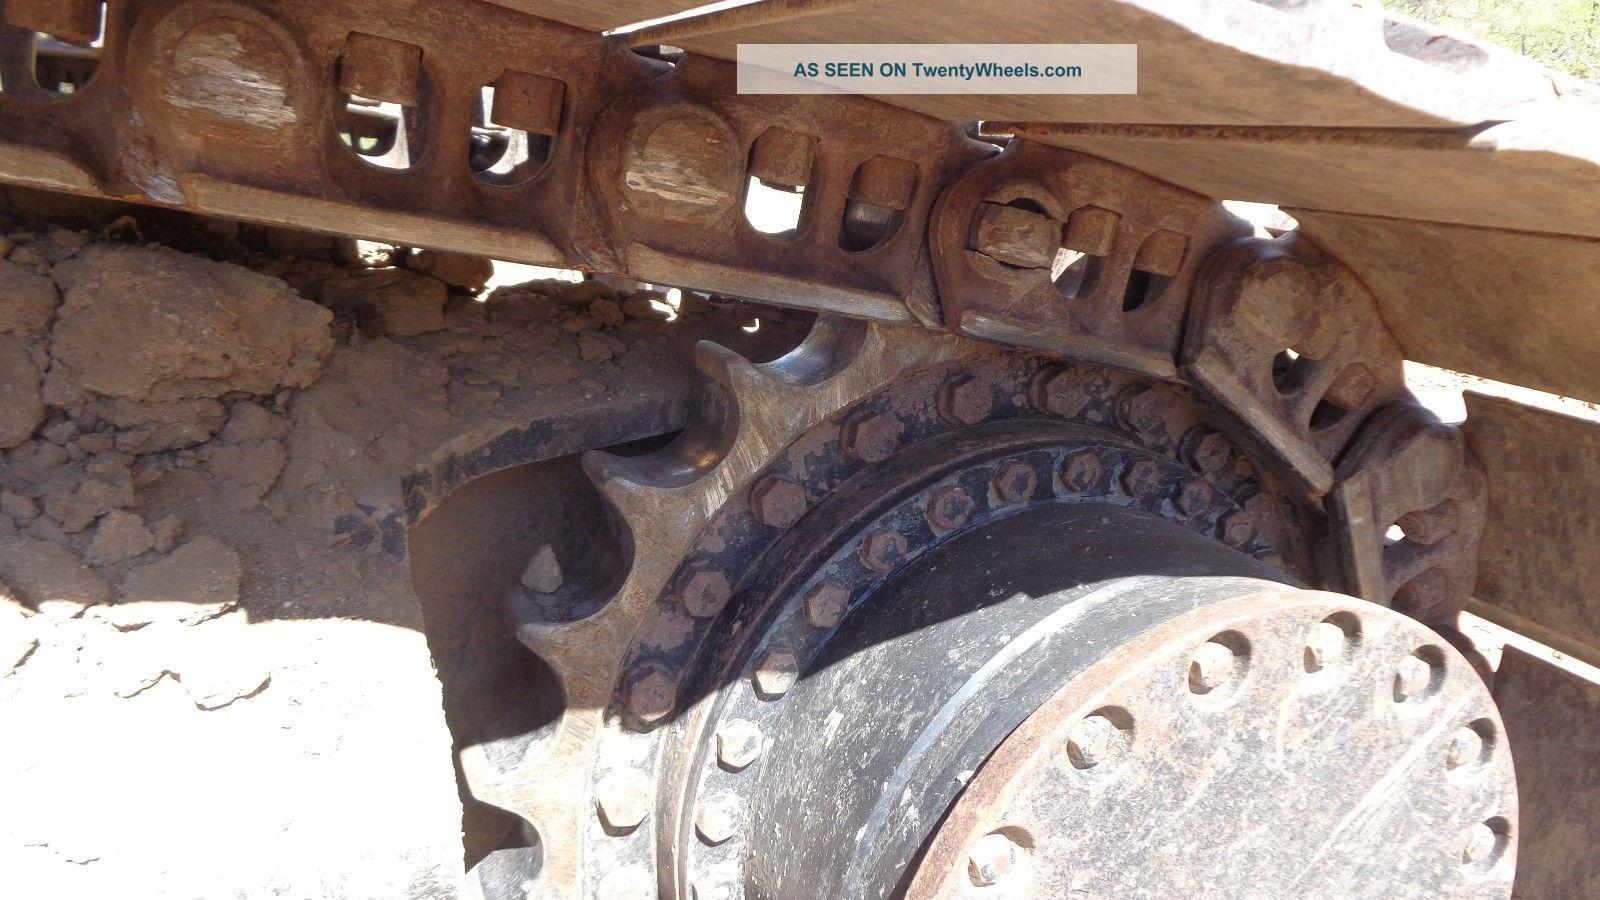 John Deere 450 Lc Excavator With 54 In Bucket